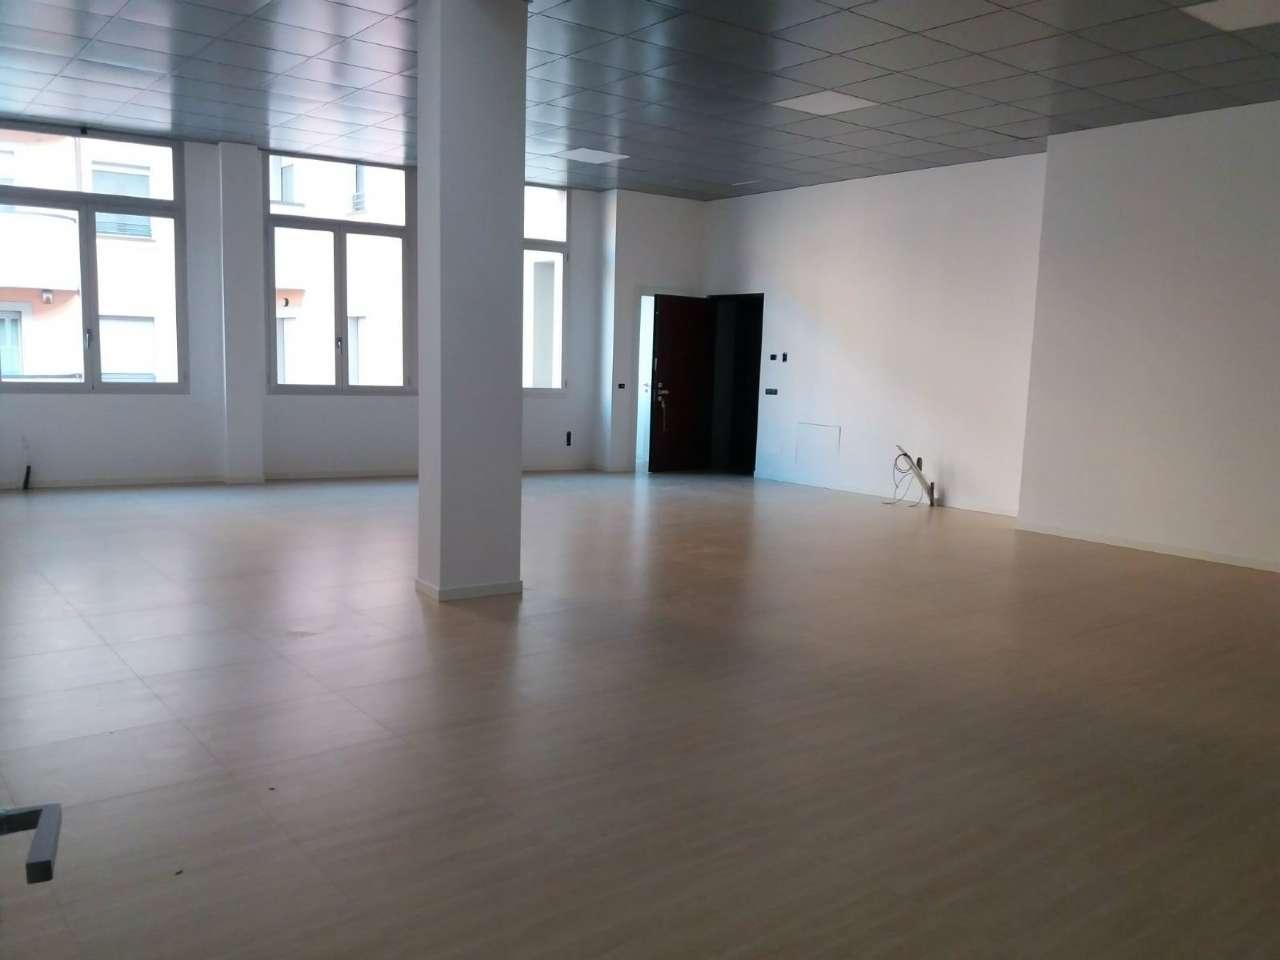 Ufficio / Studio in vendita a Saronno, 1 locali, prezzo € 330.000 | CambioCasa.it